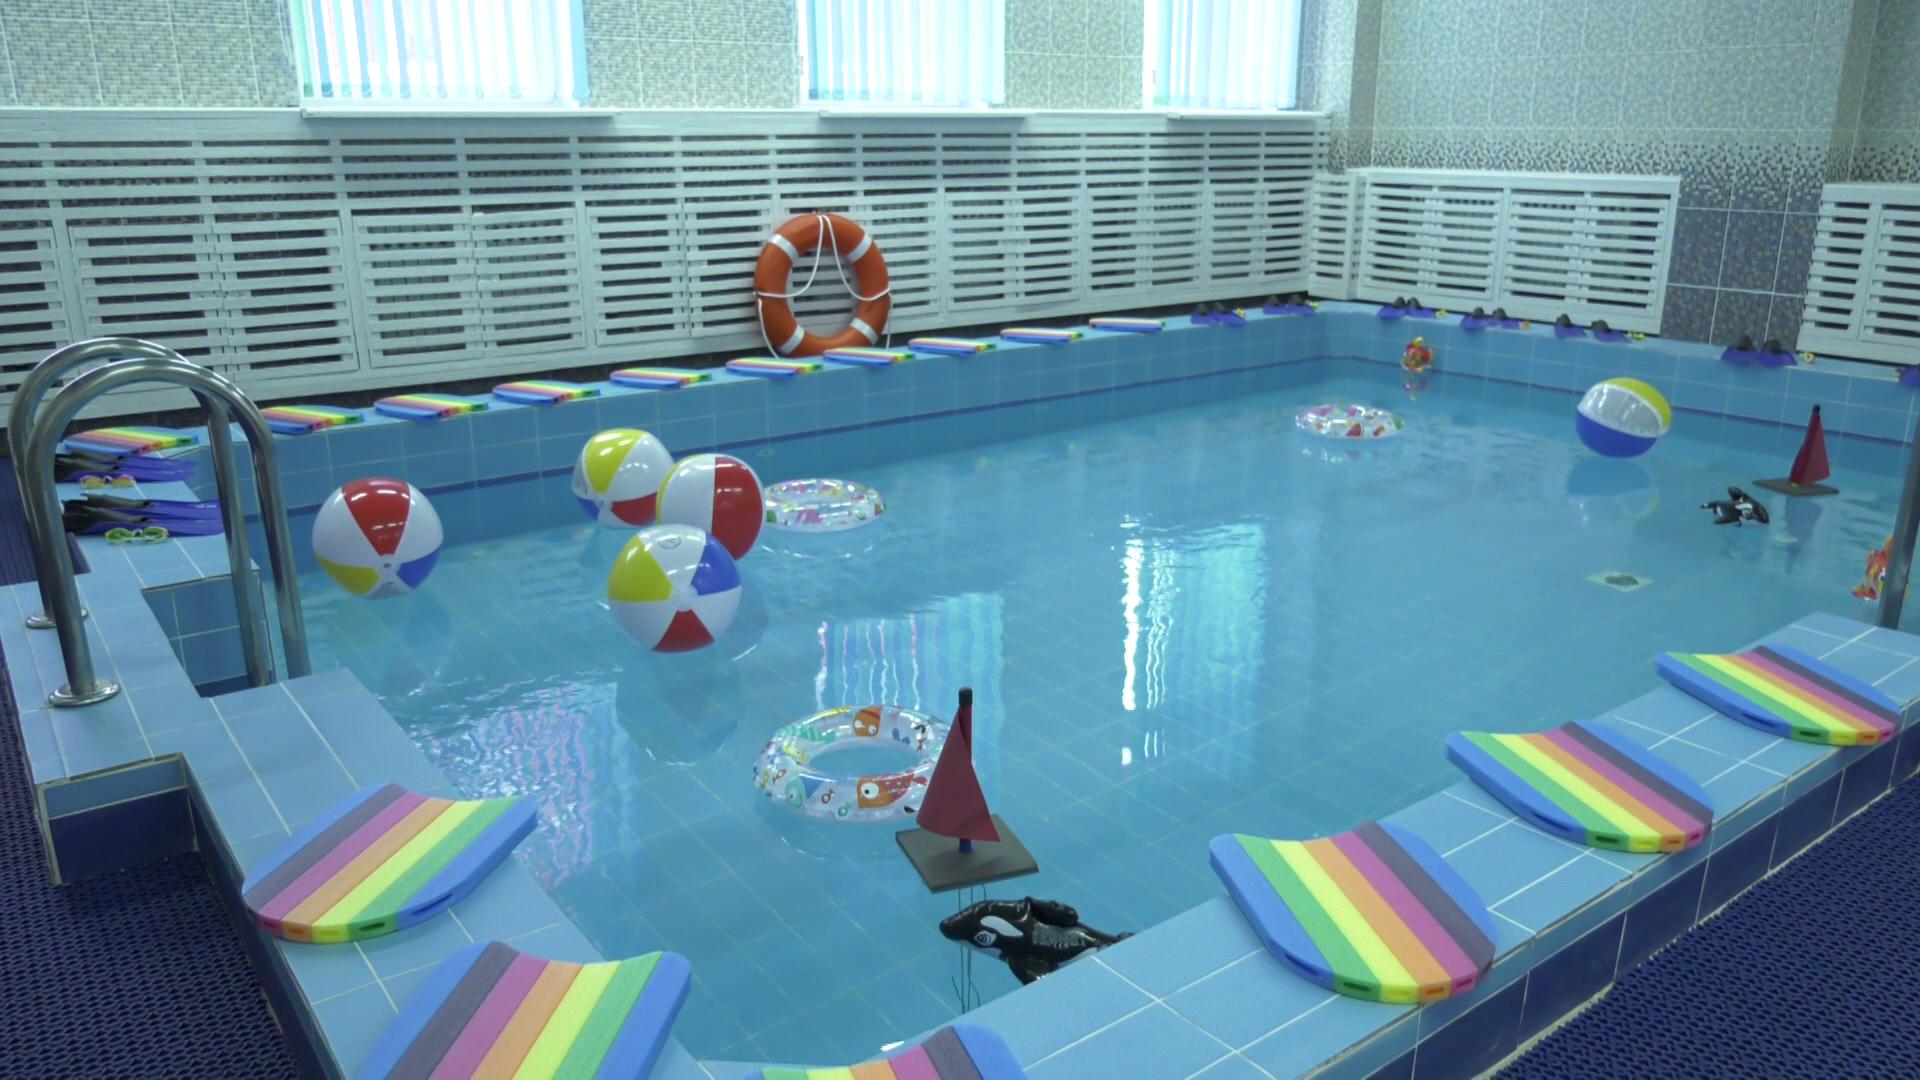 detsad - Детский сад с бассейном открыли в Поставах (видео)